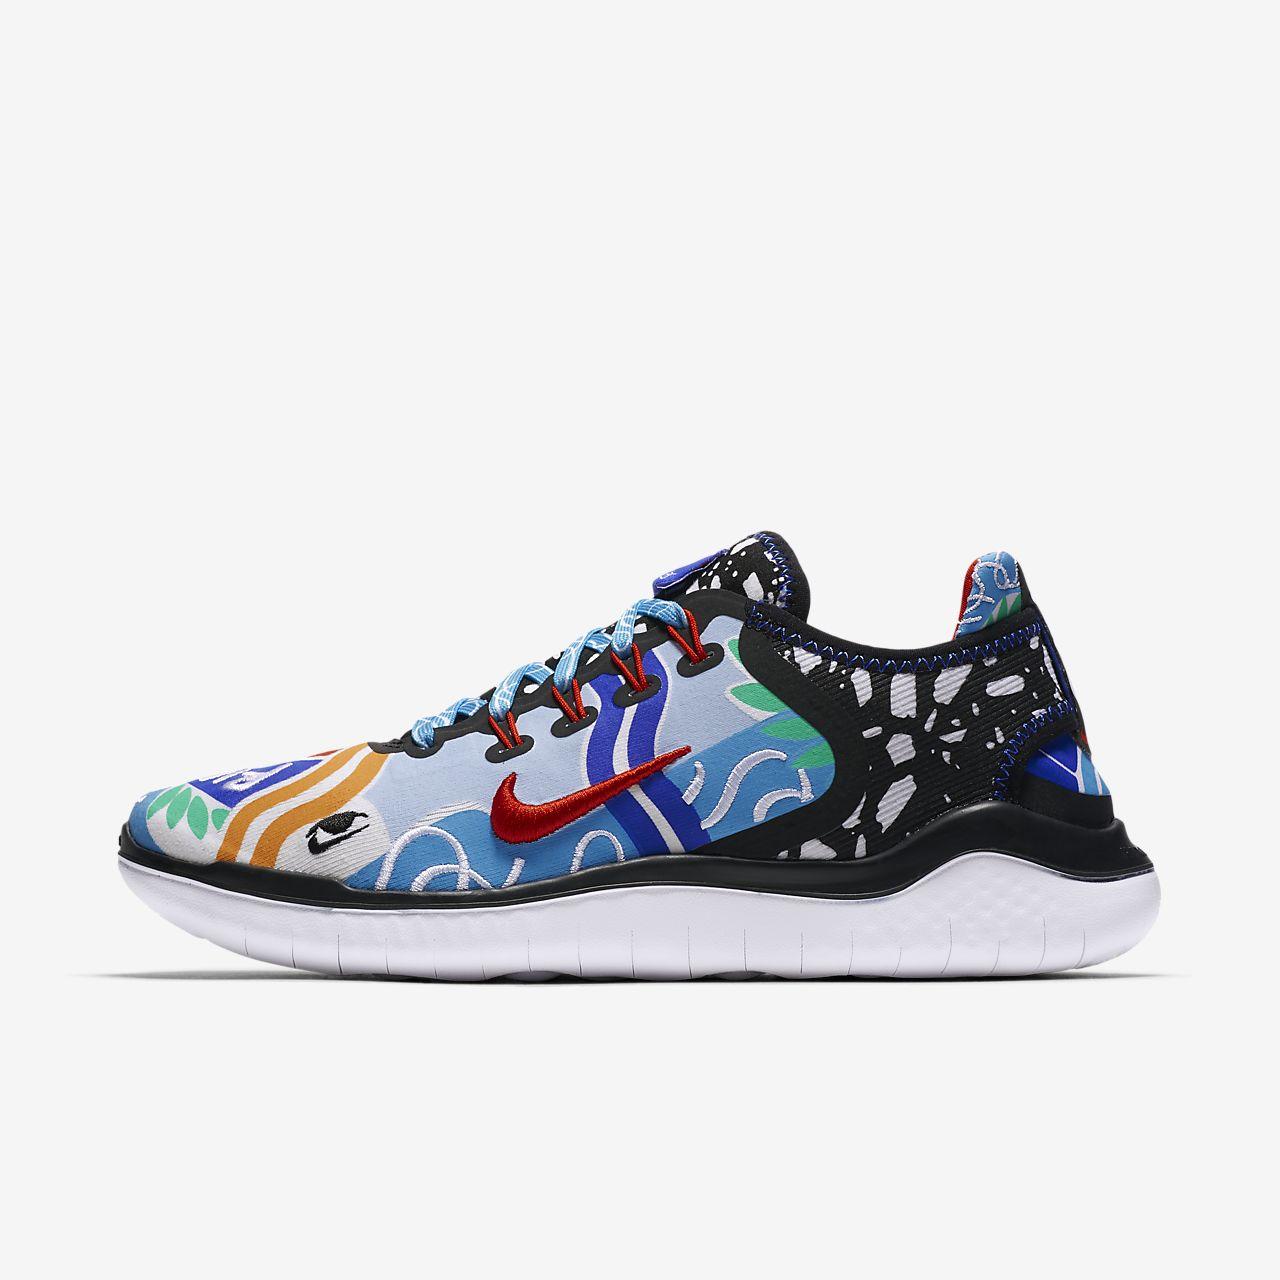 ... Nike Free RN 2018 T-Shirt for Your Feet Women's Running Shoe